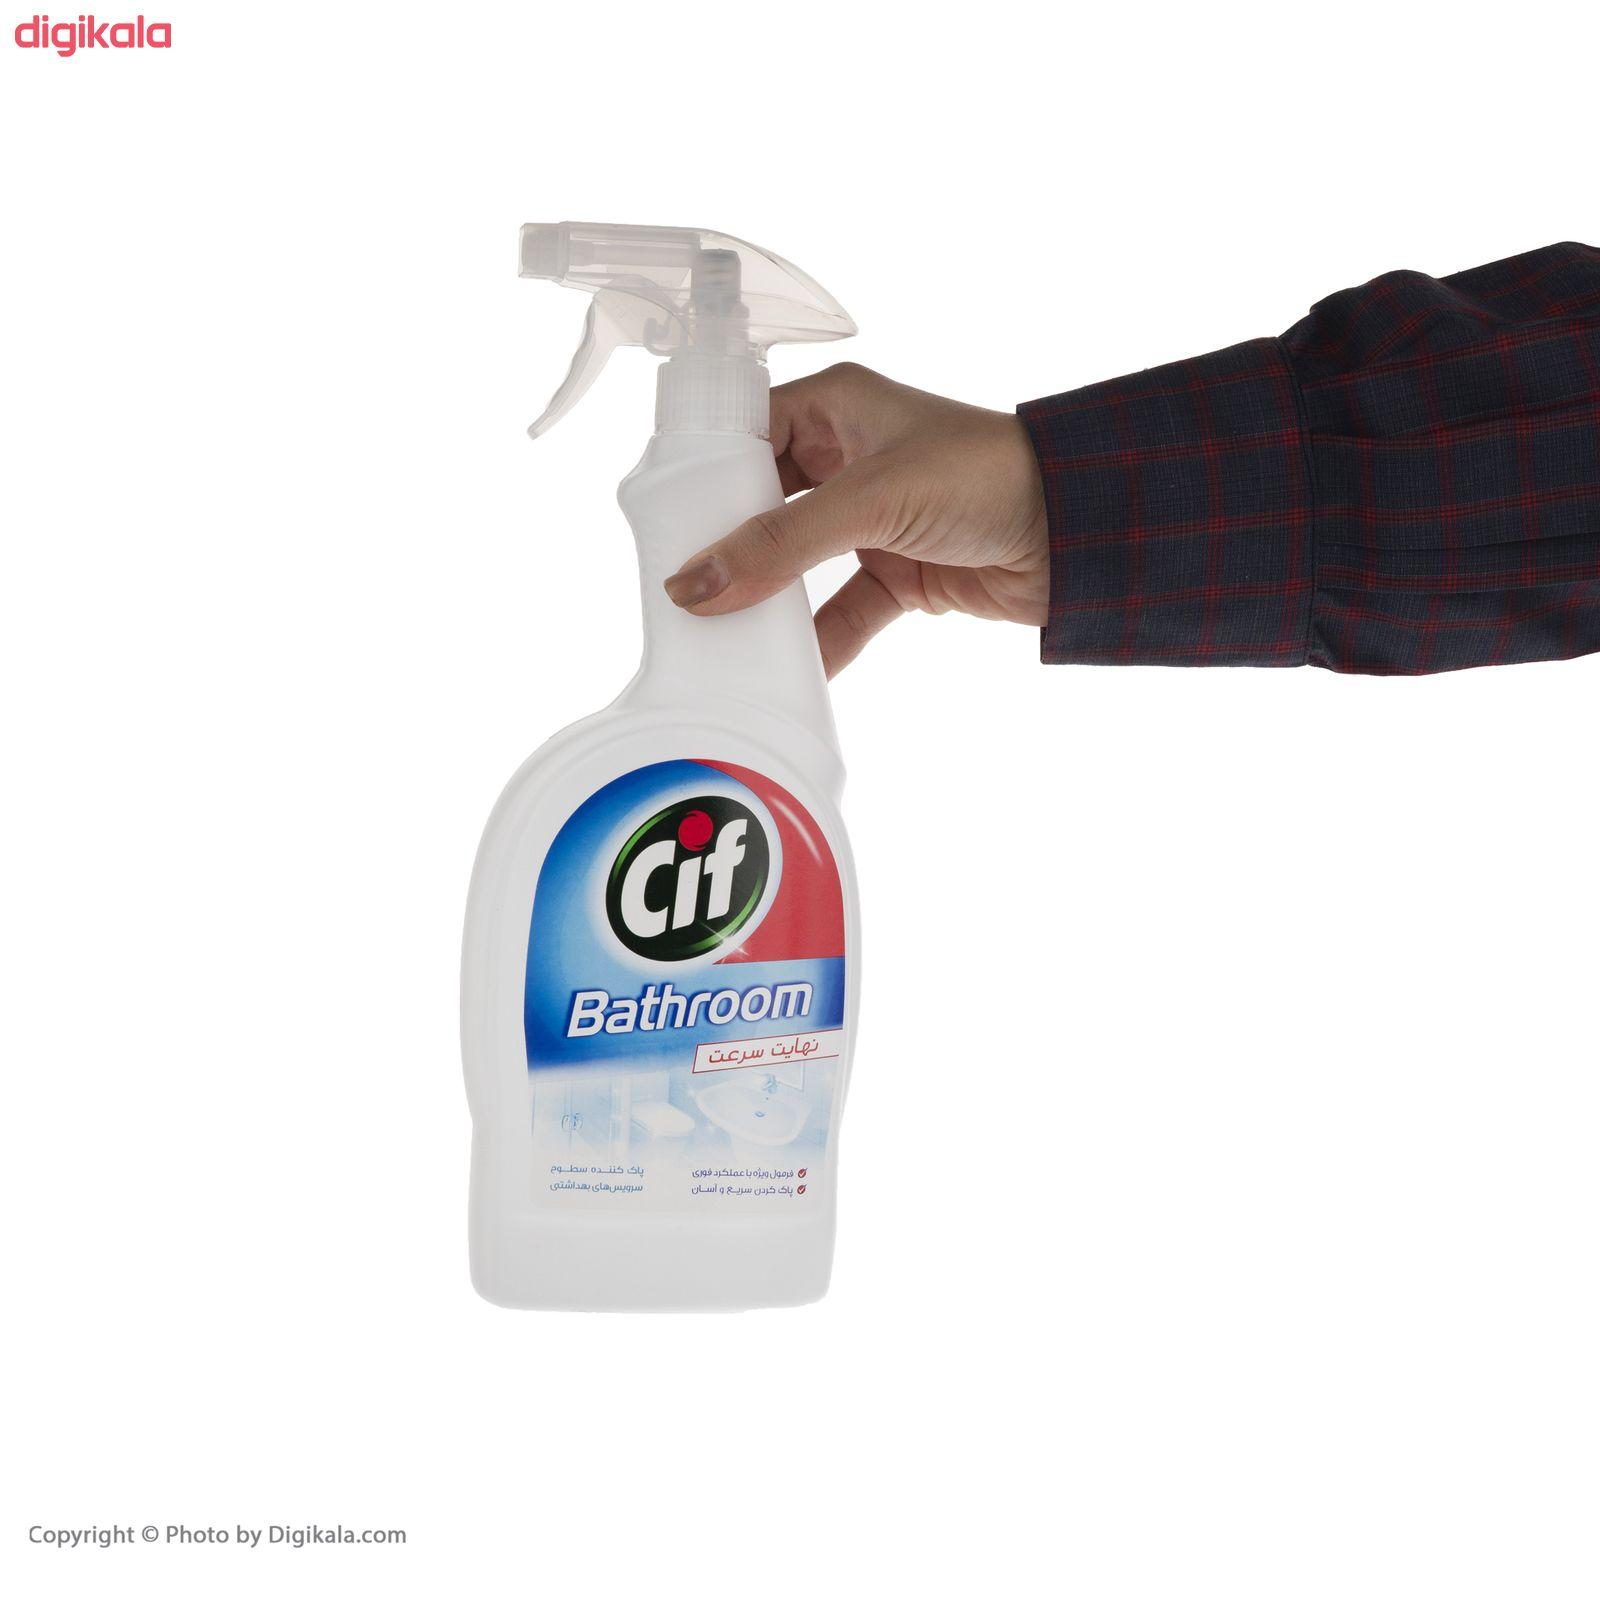 اسپری تمیزکننده سطوح حمام و دستشویی سیف مقدار 750 گرم main 1 4